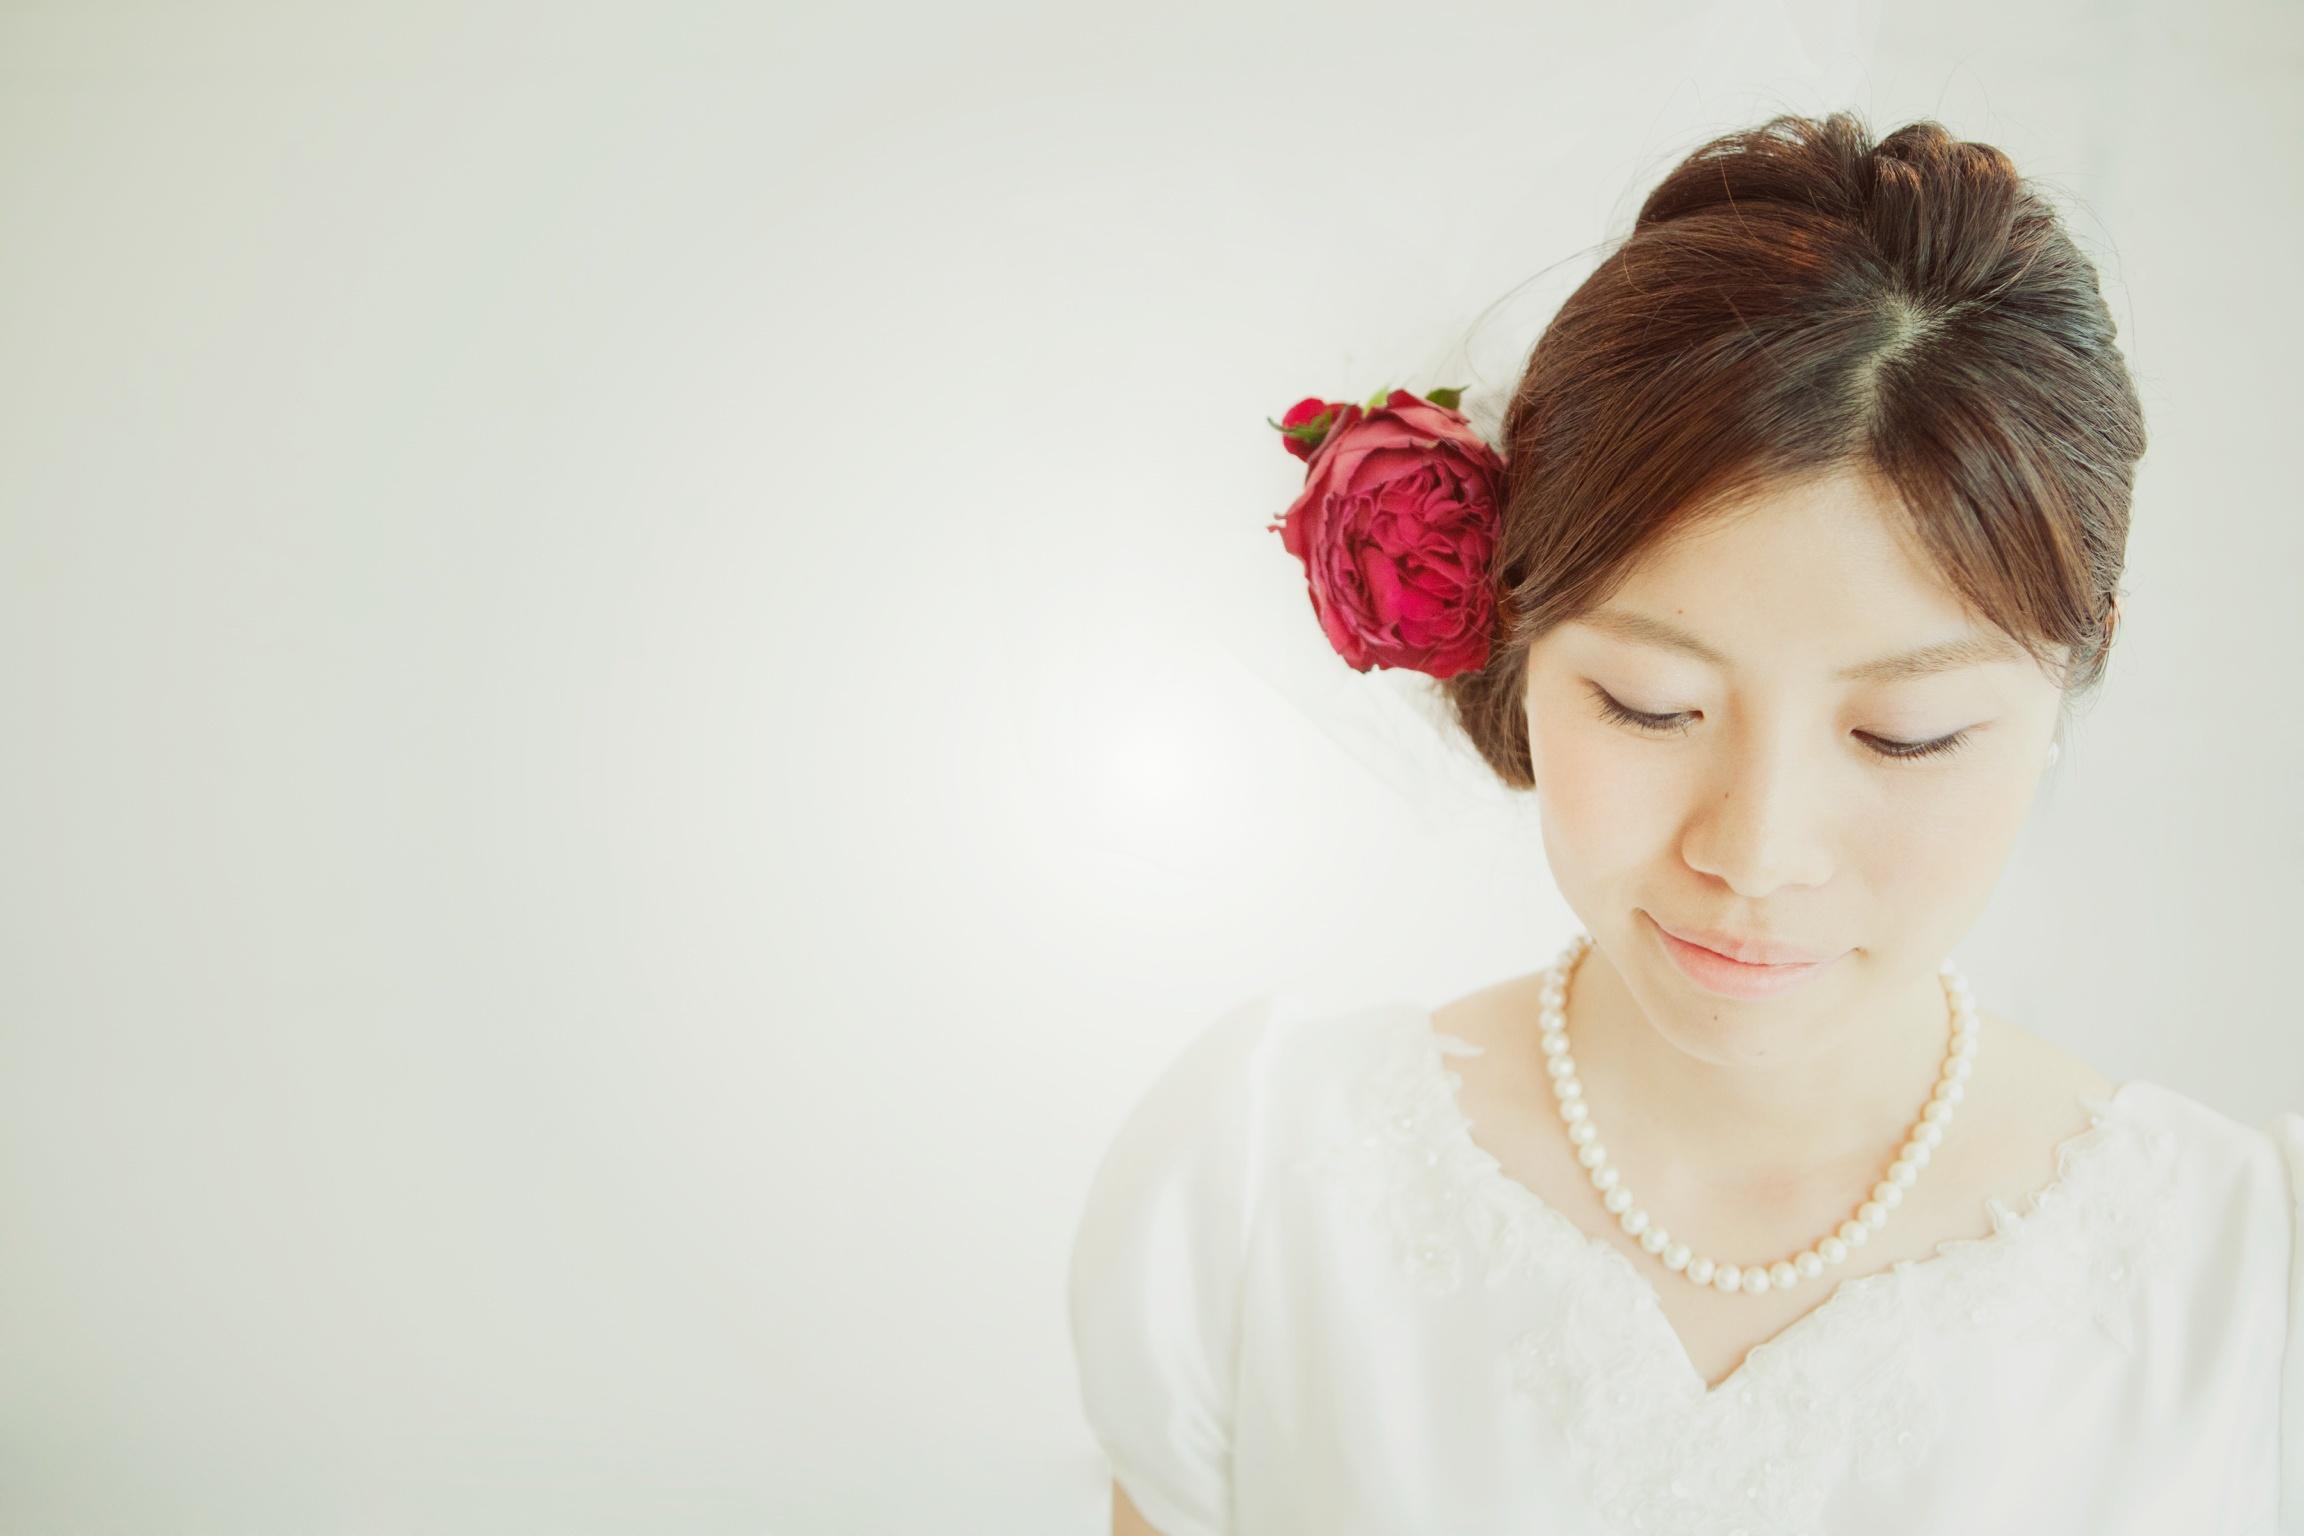 July 2012 in Japan